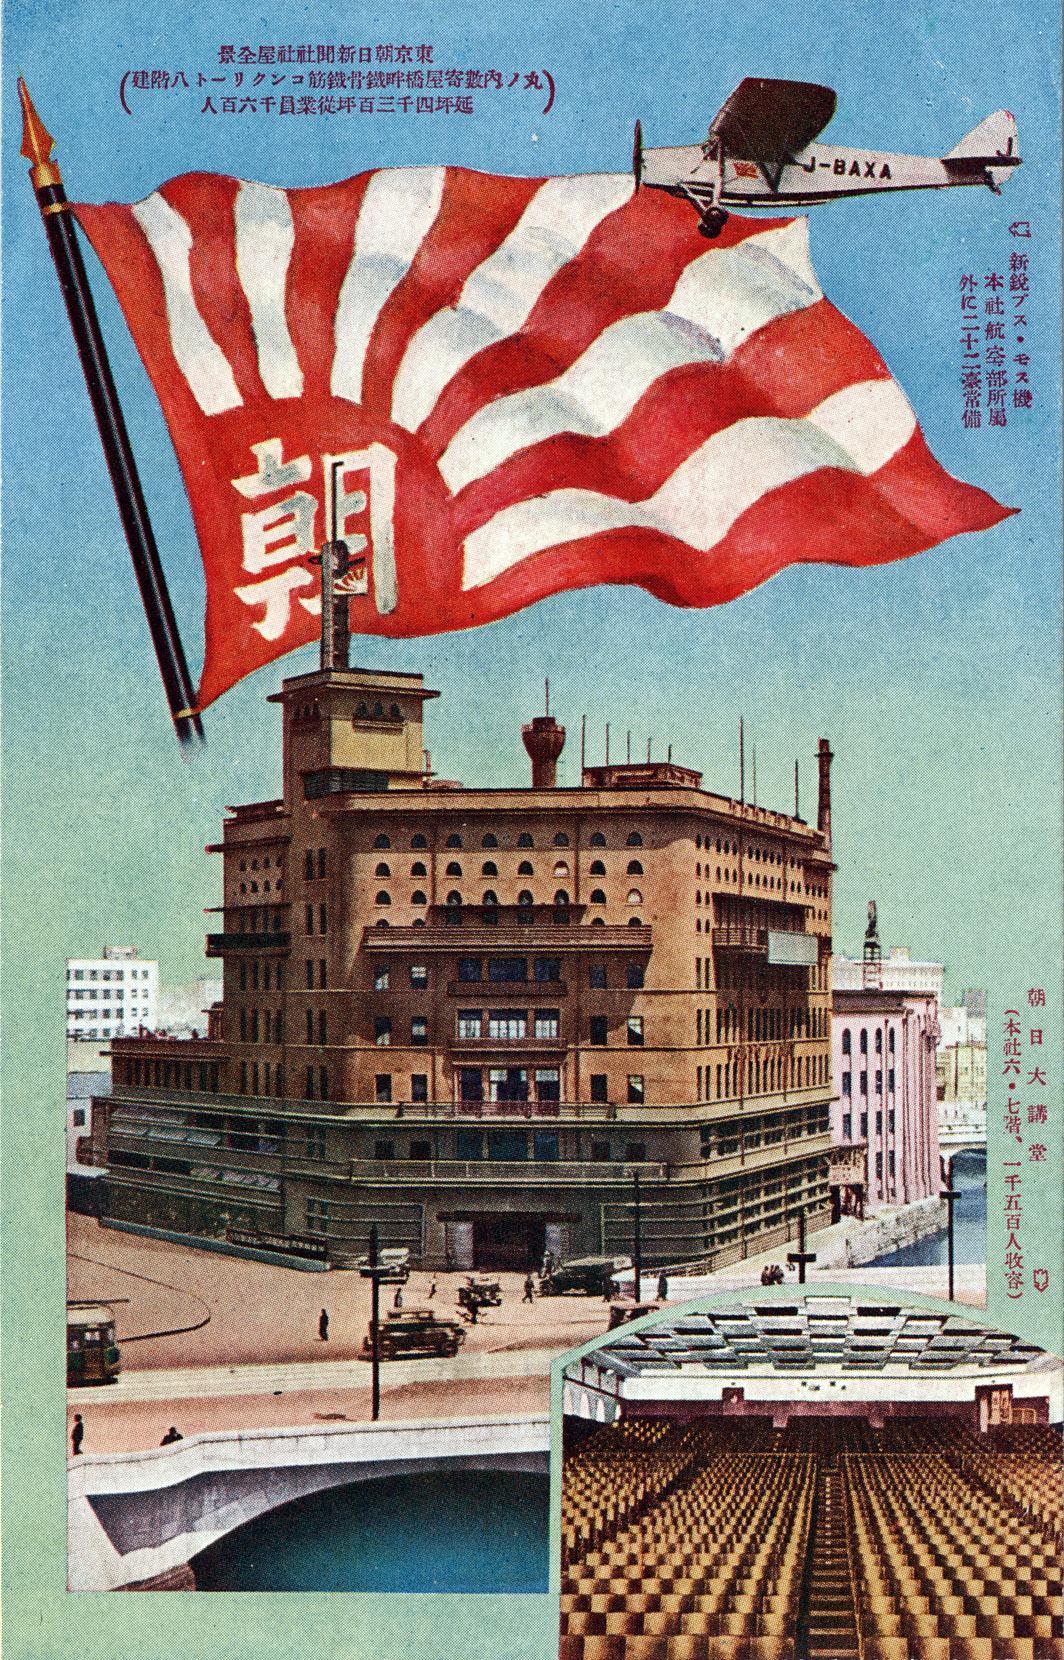 Asahi Shimbun (Newspaper) Building, c. 1930. | Old Tokyo - photo#23